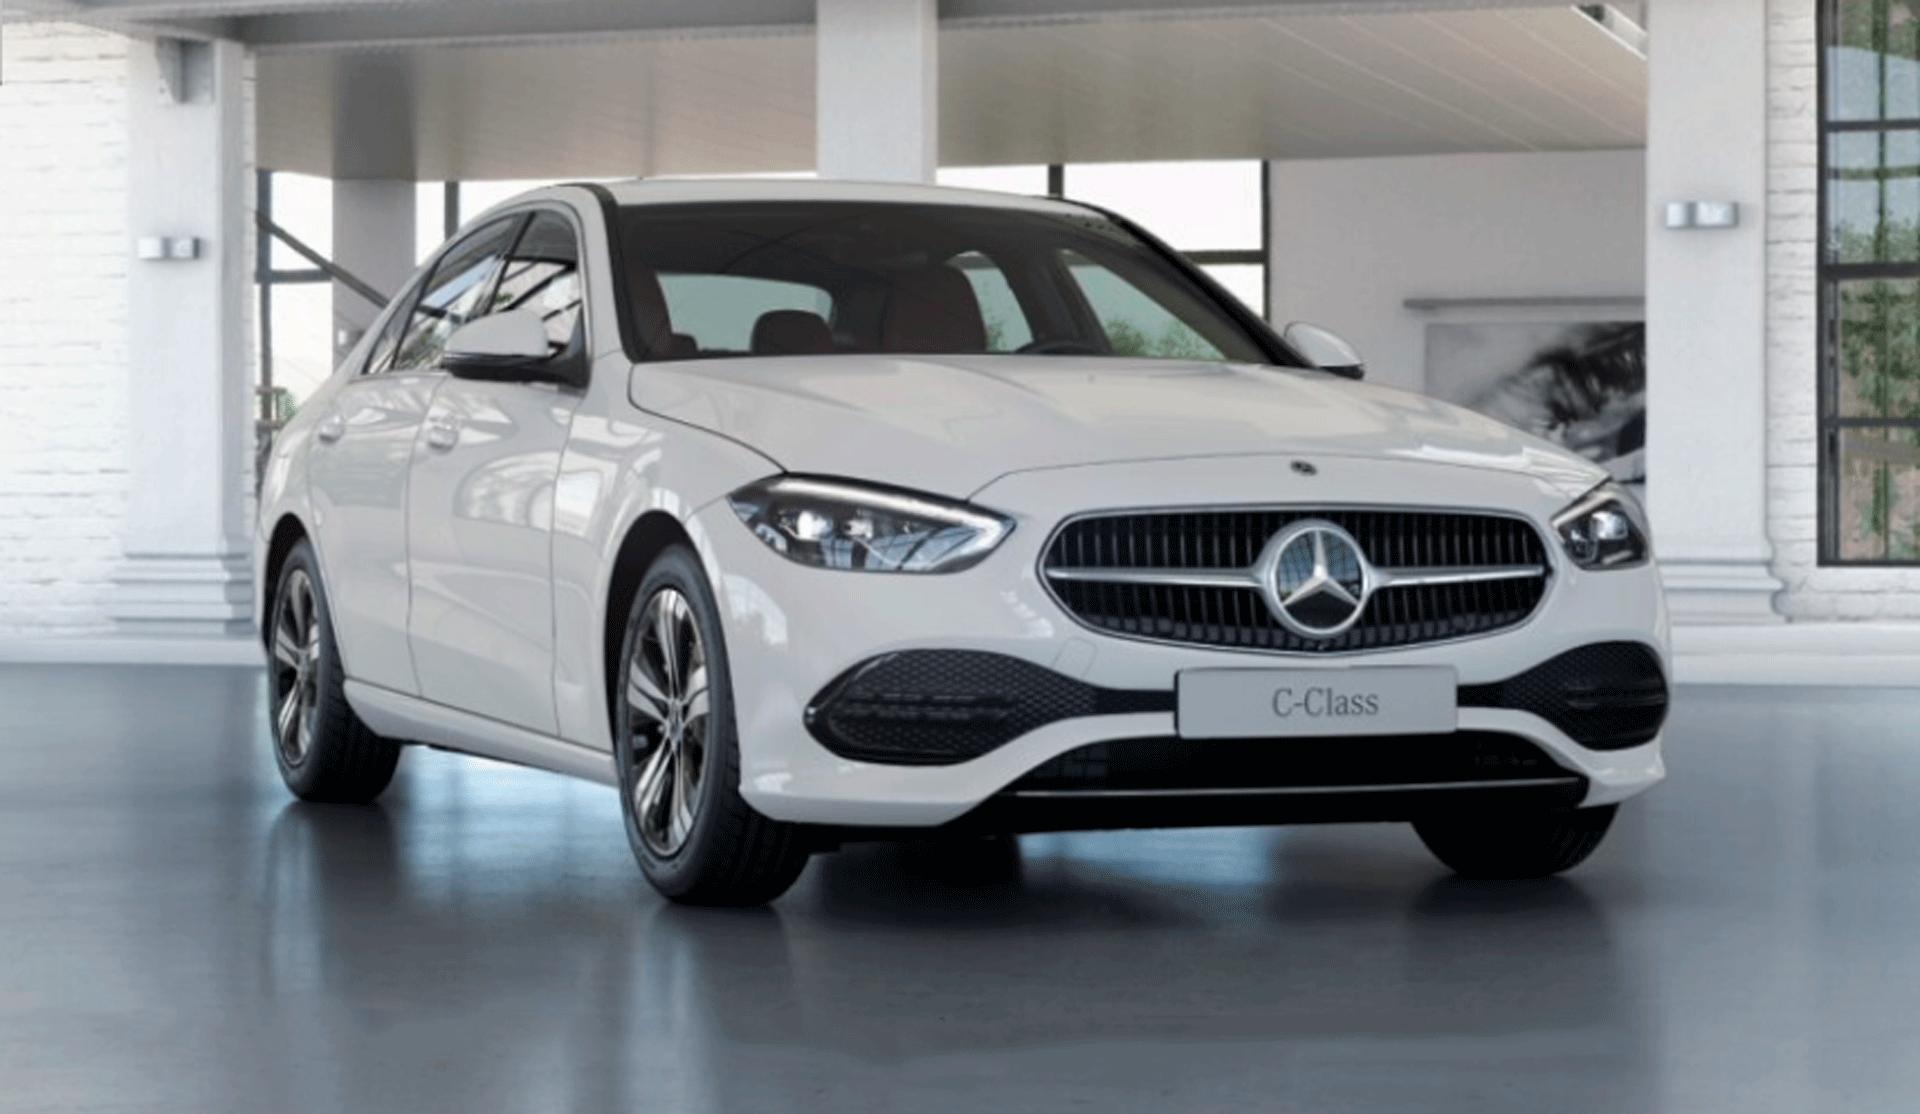 Mercedes-Benz C-Class 0152606107